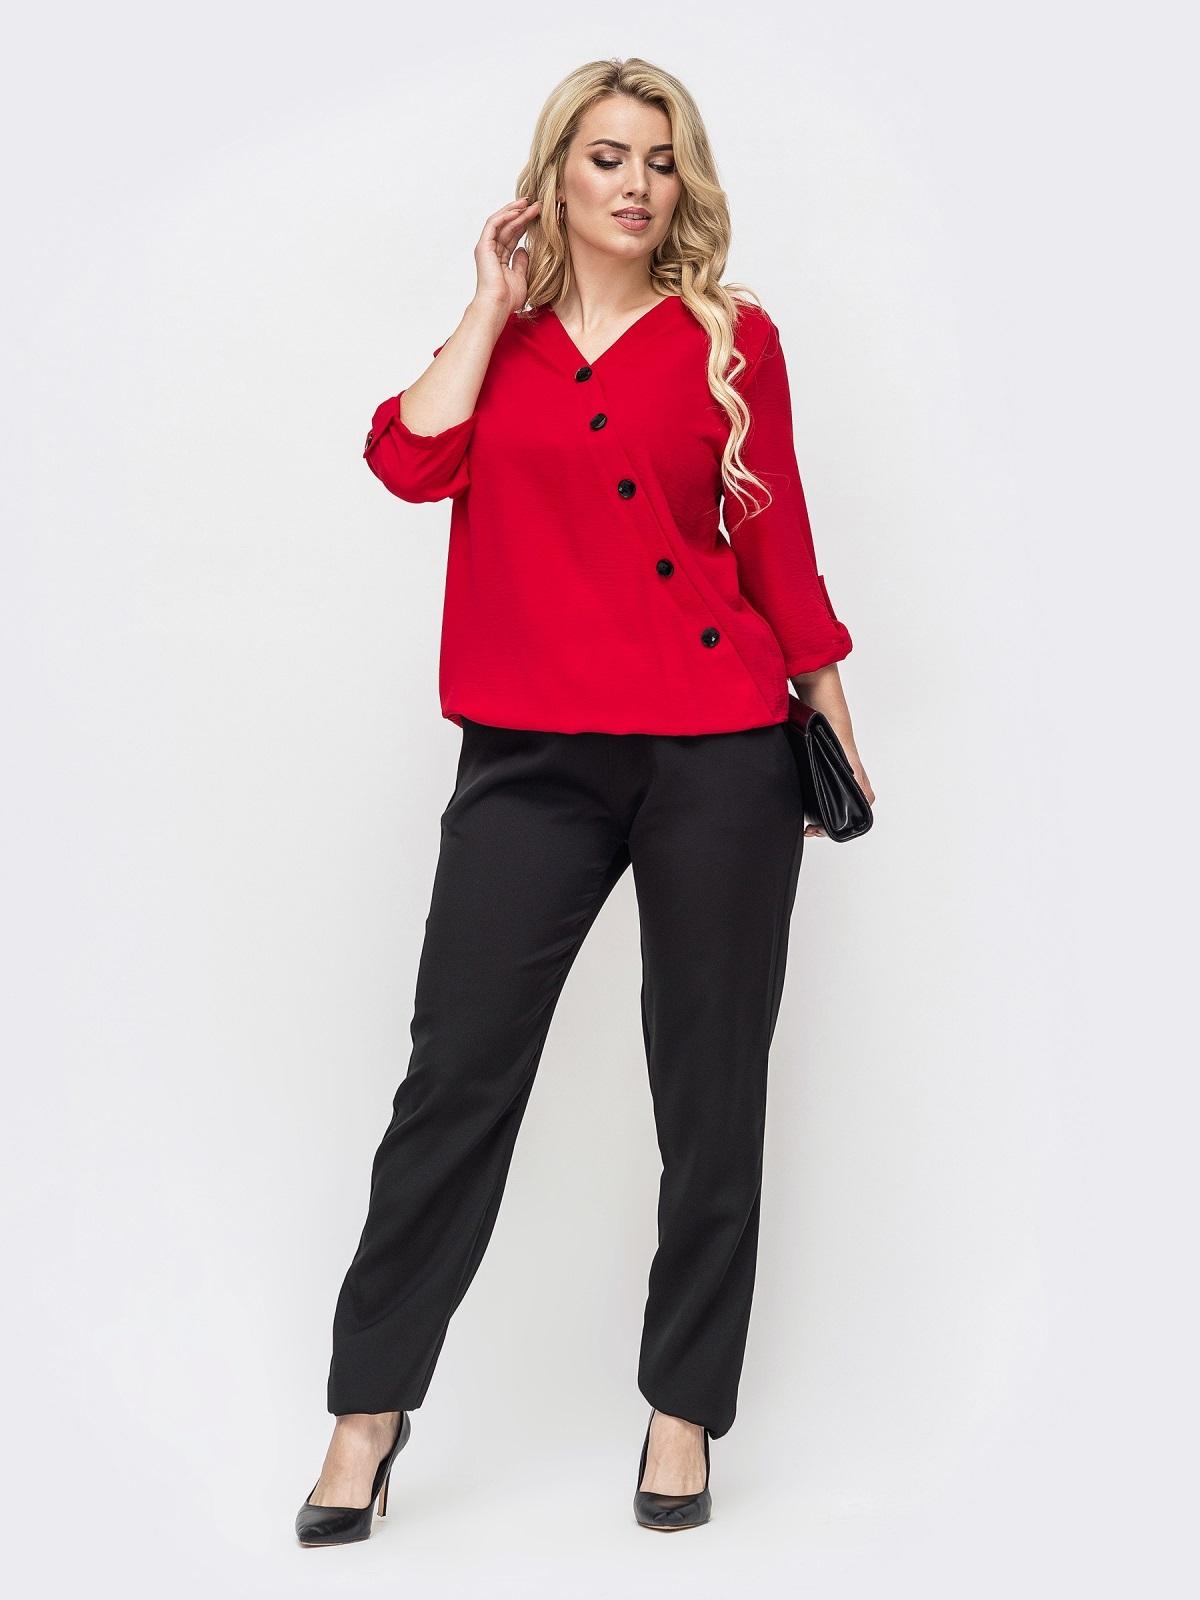 Комплект большого размера со свободной блузкой и брюками красный 50784, фото 1